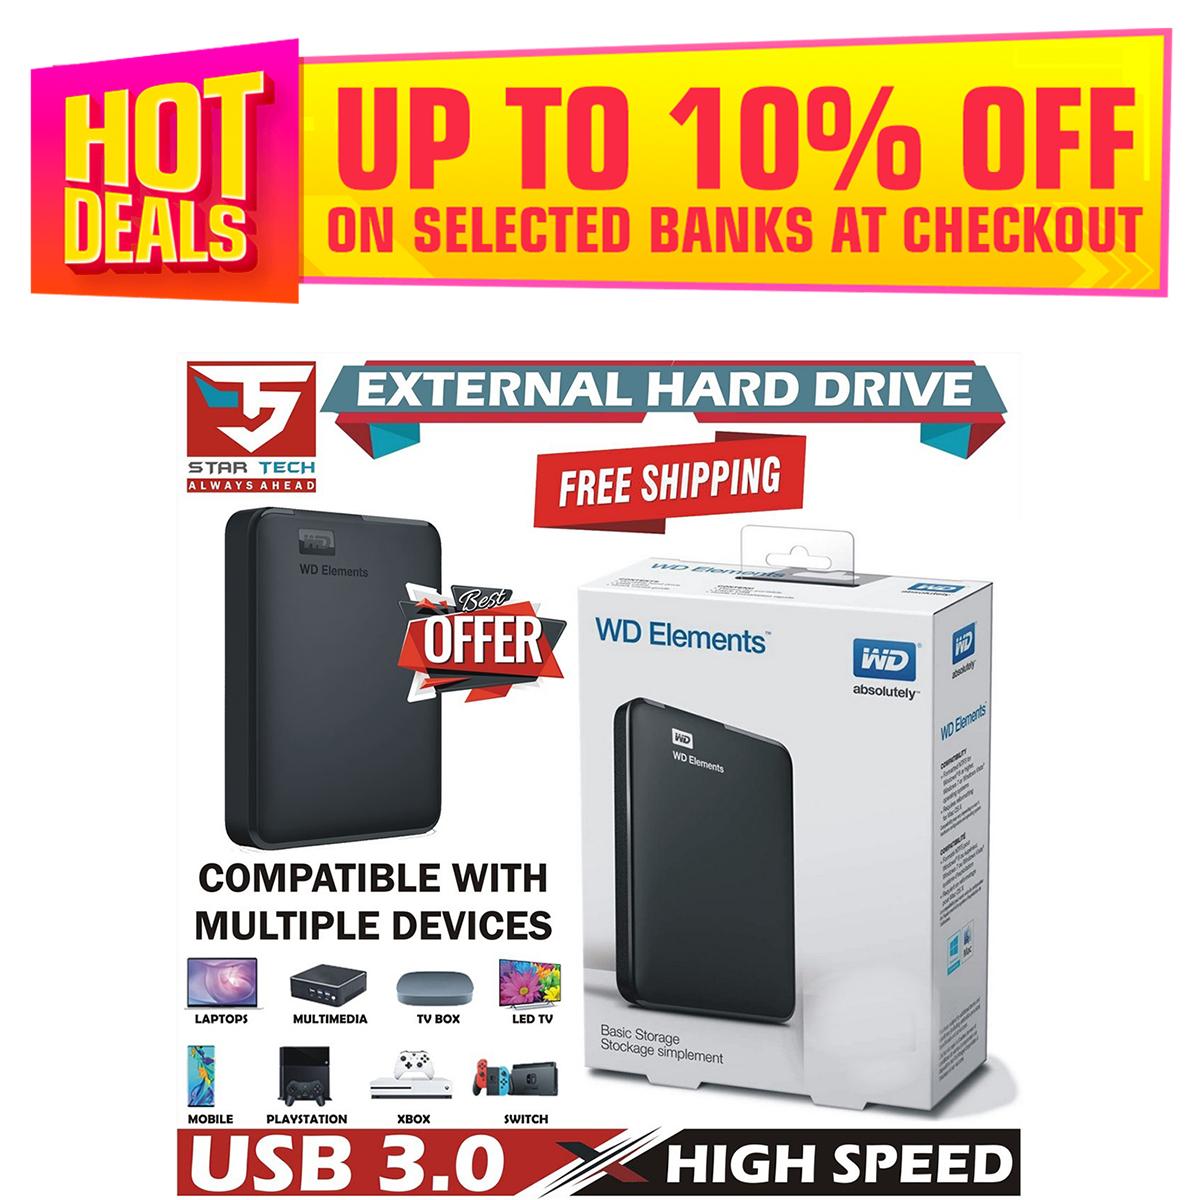 USB 3.0 Portable External Hard Drive 1TB 1000GB 750GB 640GB 500GB 320GB 250GB 160GB 120GB 80GB Portable Hard Disk